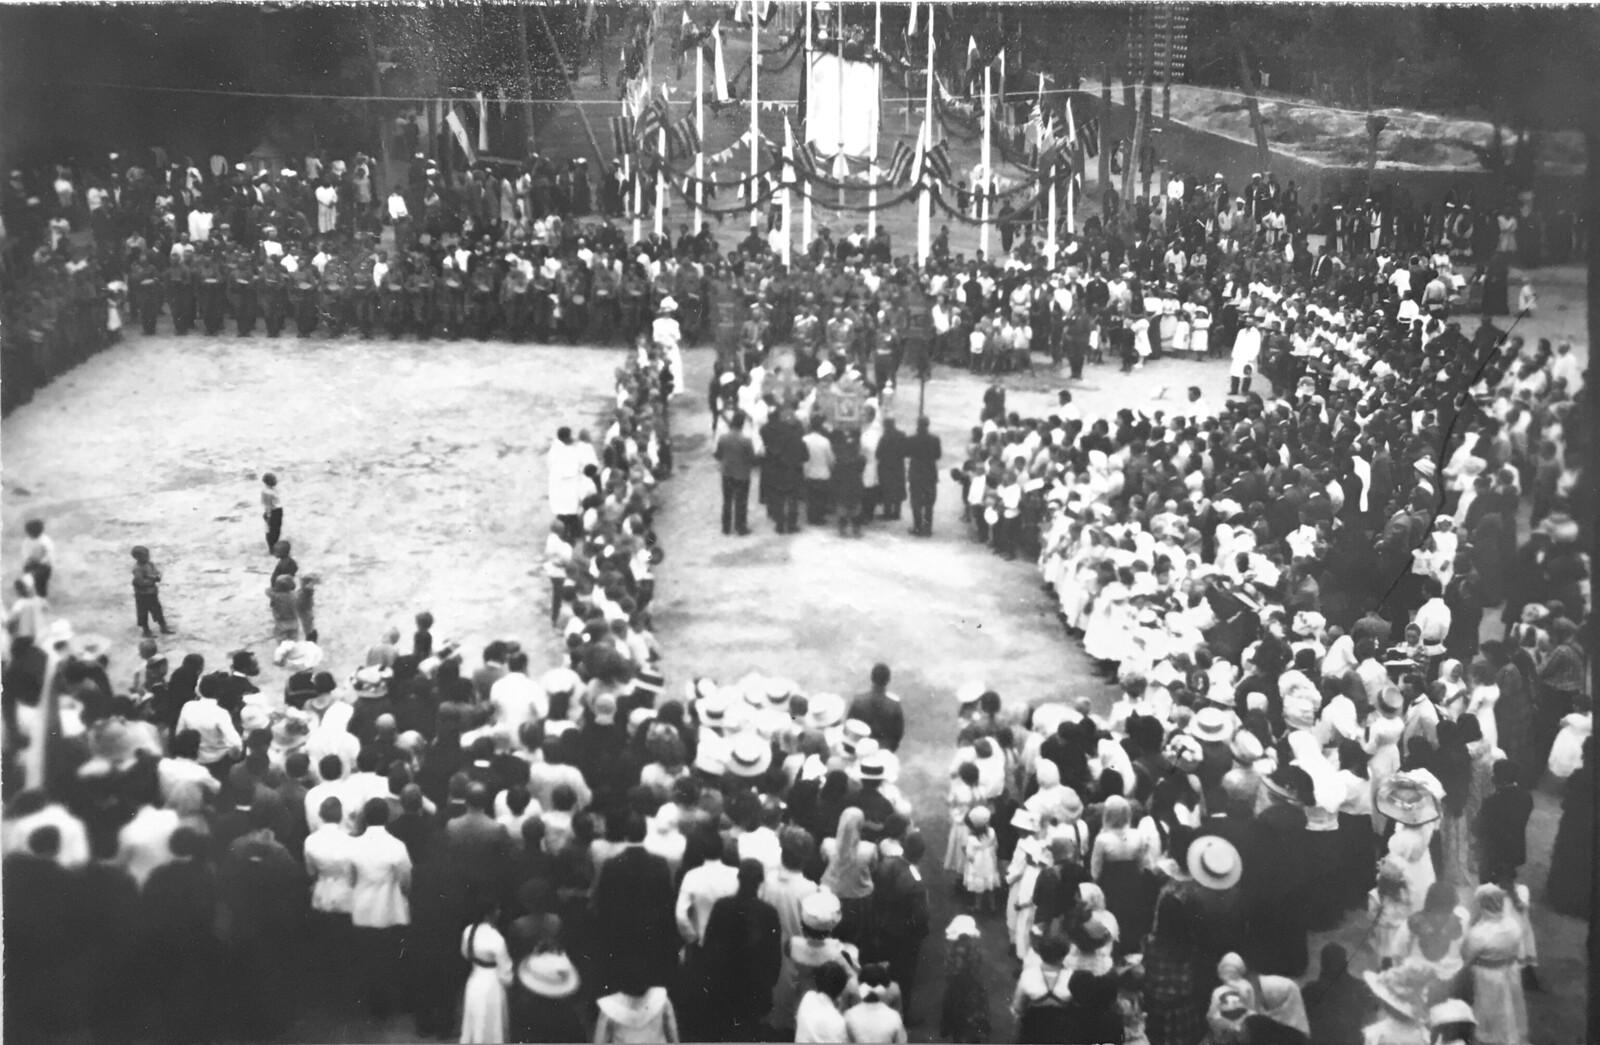 Торжественное празднование 100-летия победы в Отечественной войне 1812 года. Вид с колокольни